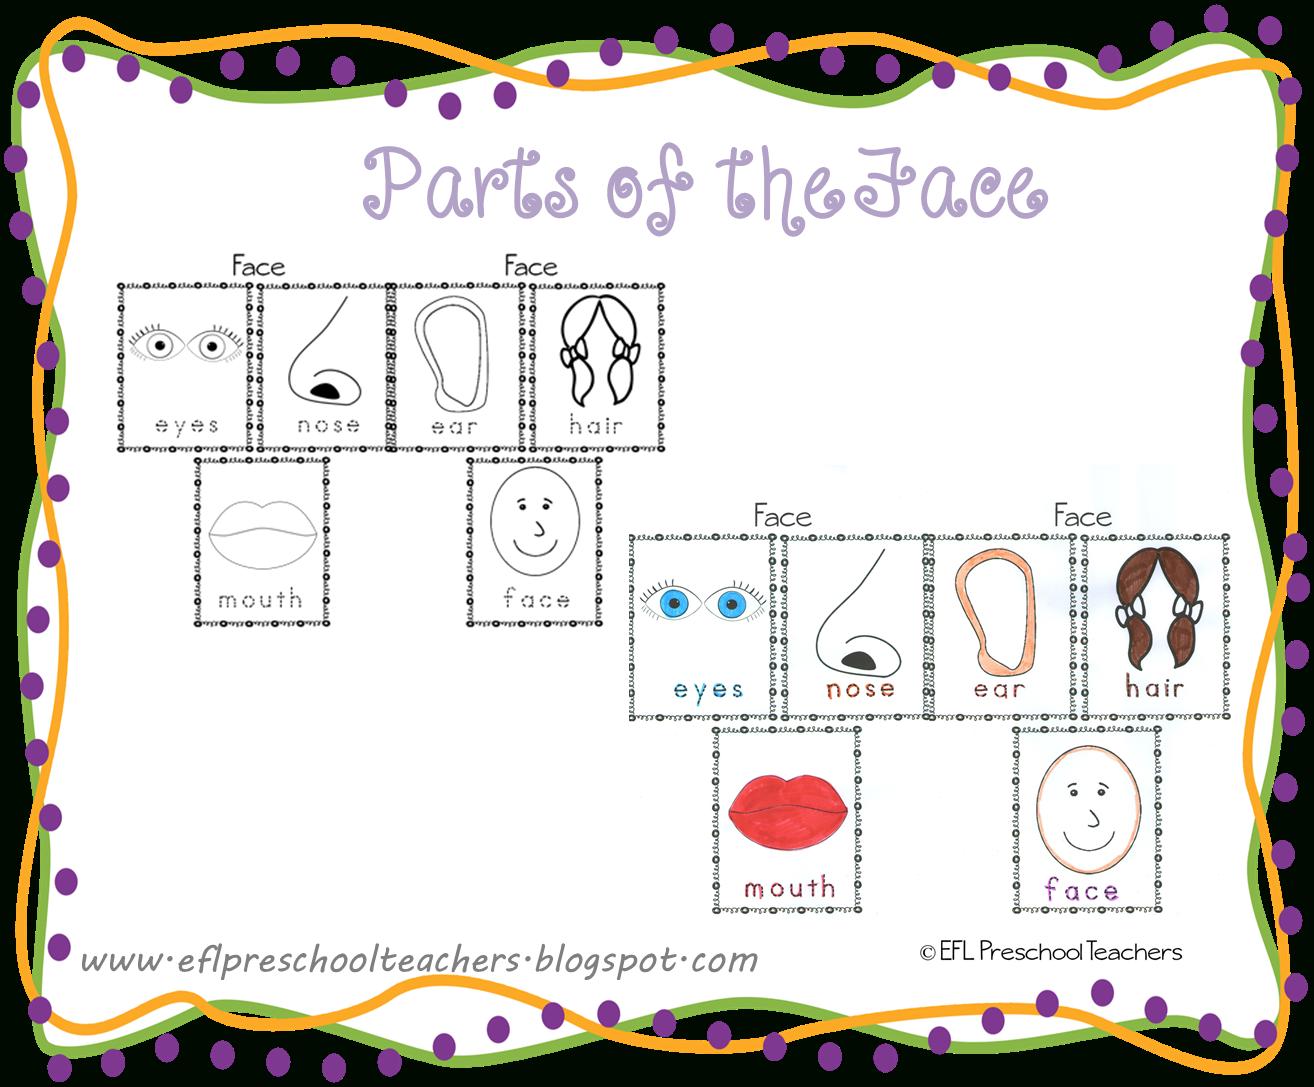 Esl/efl Preschool Teachers: Face Teaching Materials For The